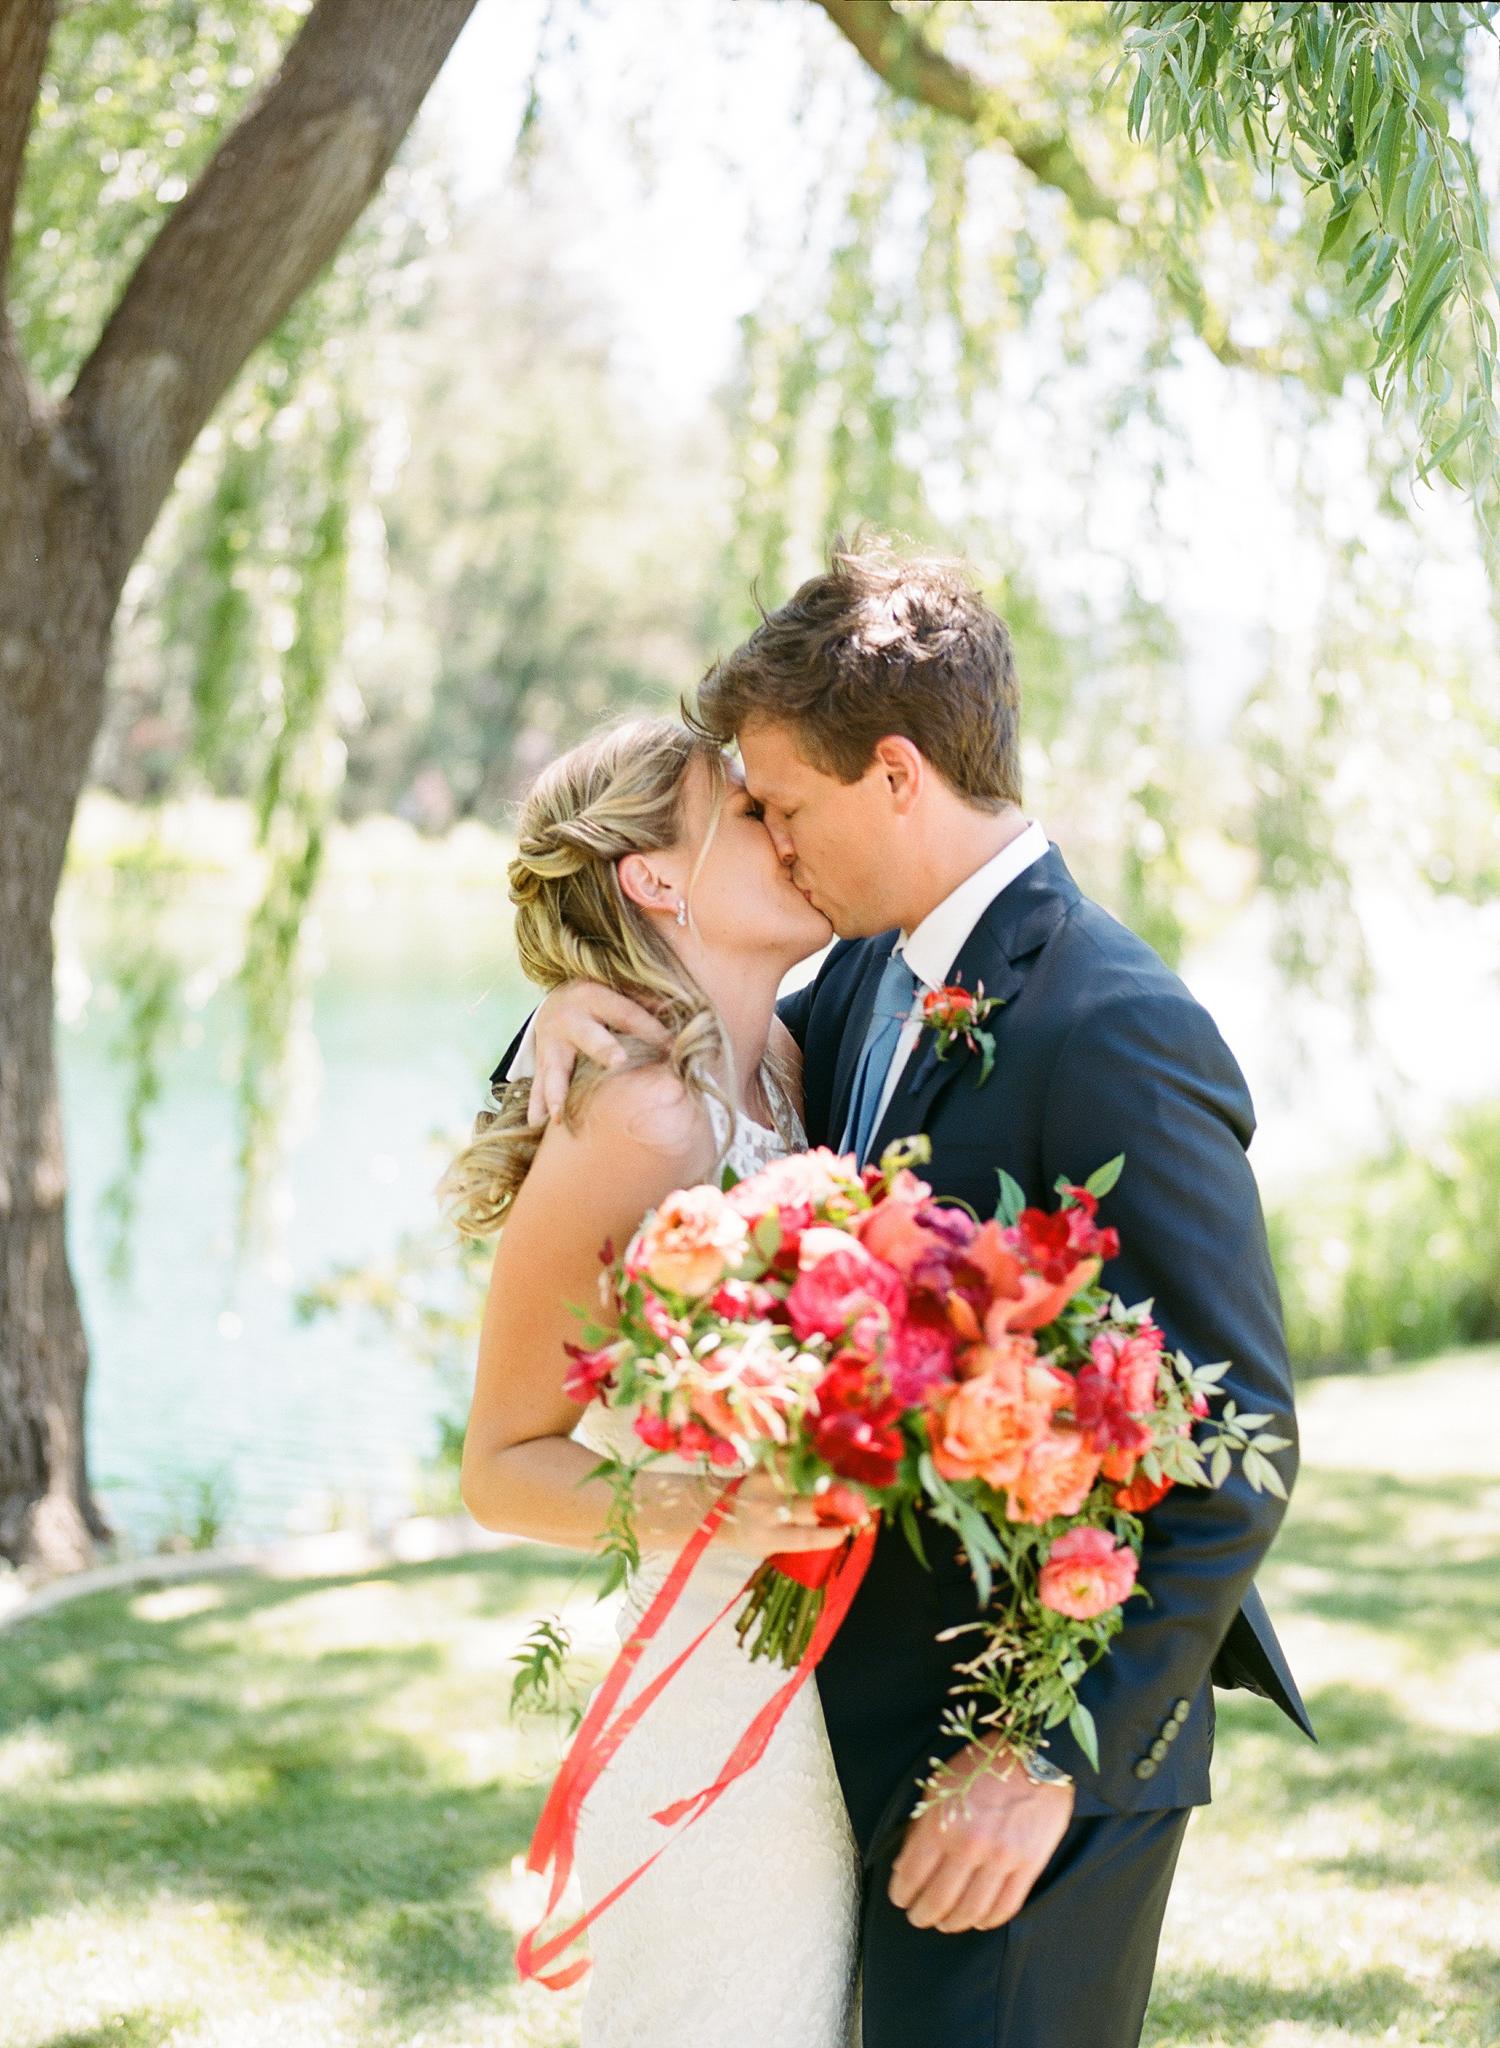 13-bride-groom-willow-tree.jpg